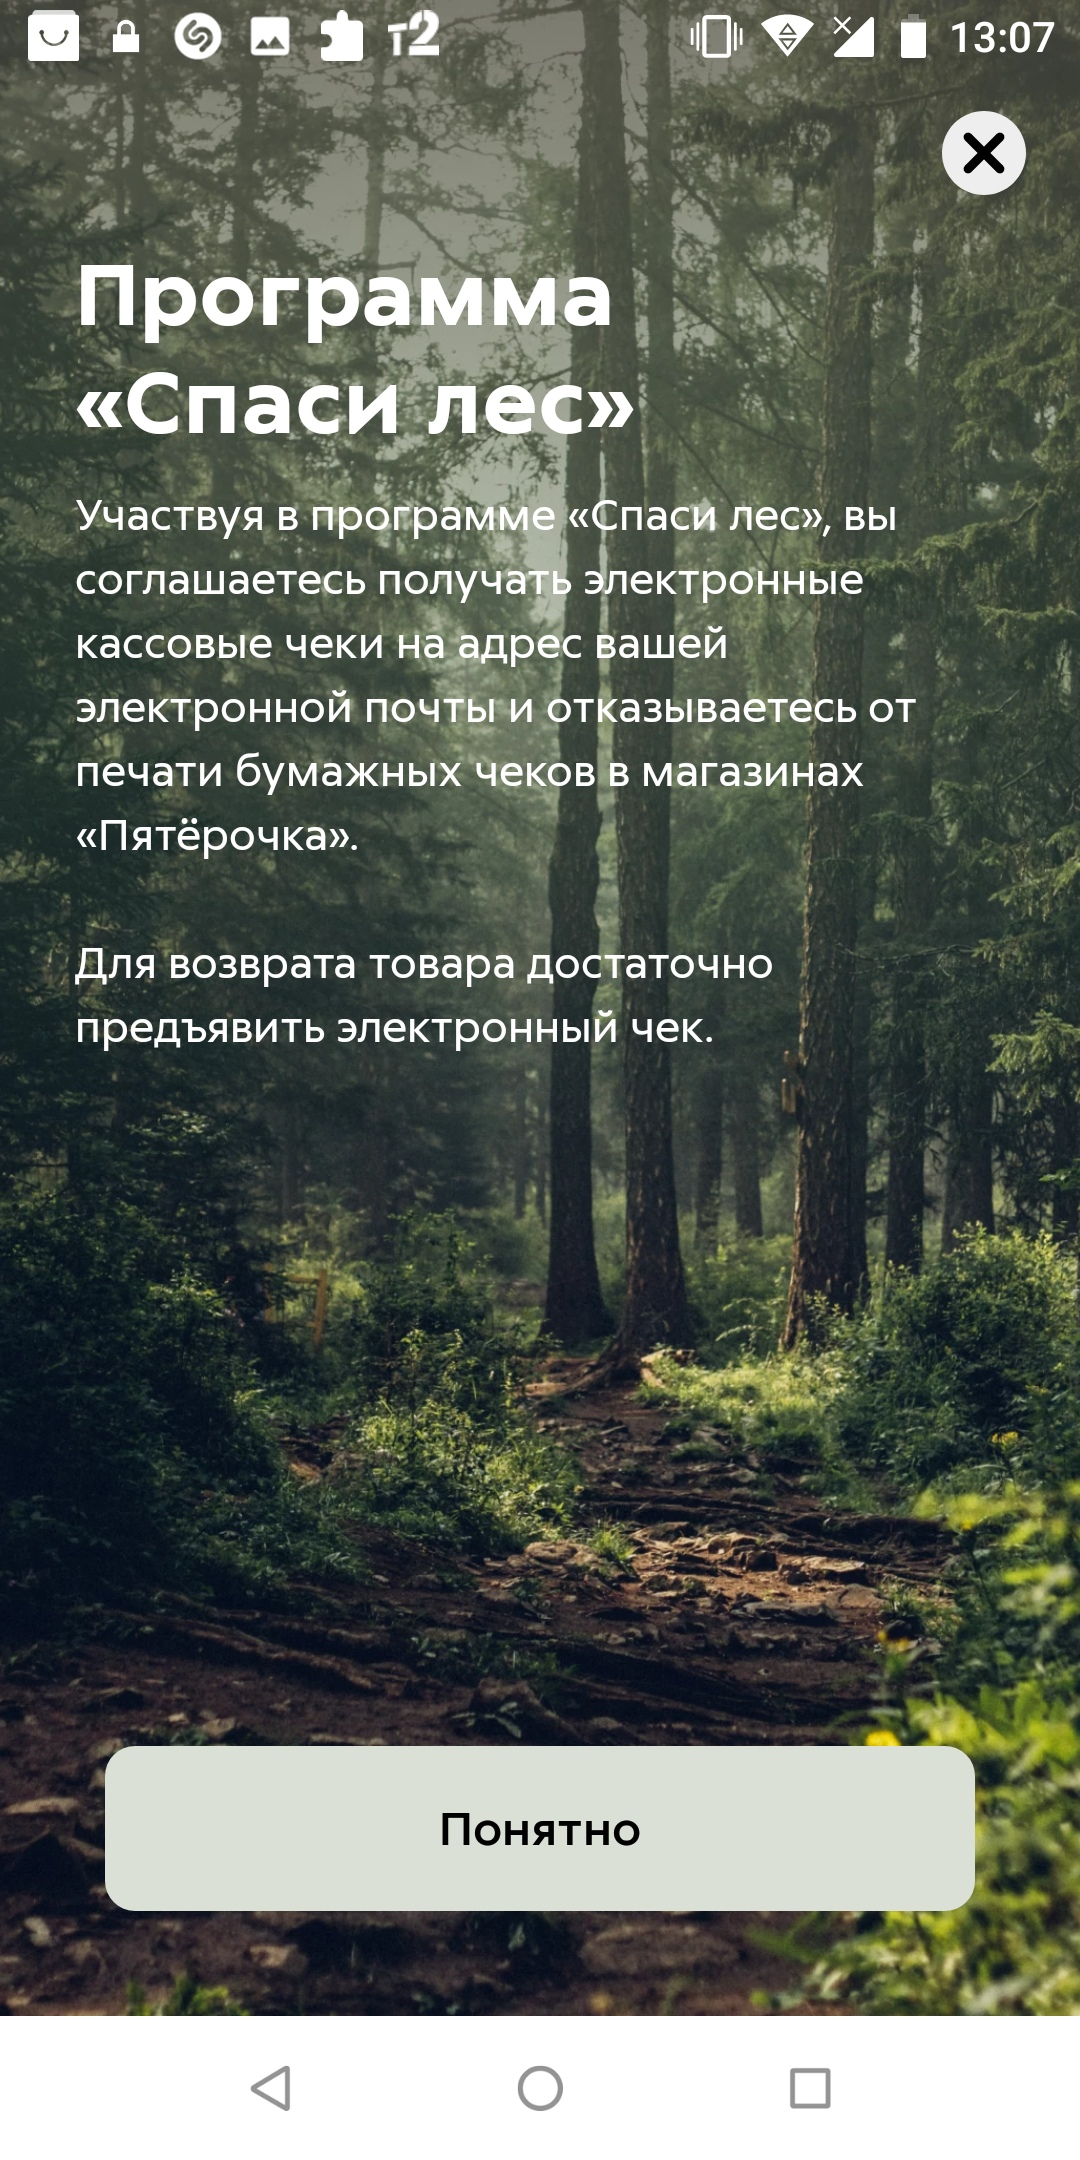 Сохранил лес с пятёрочкой